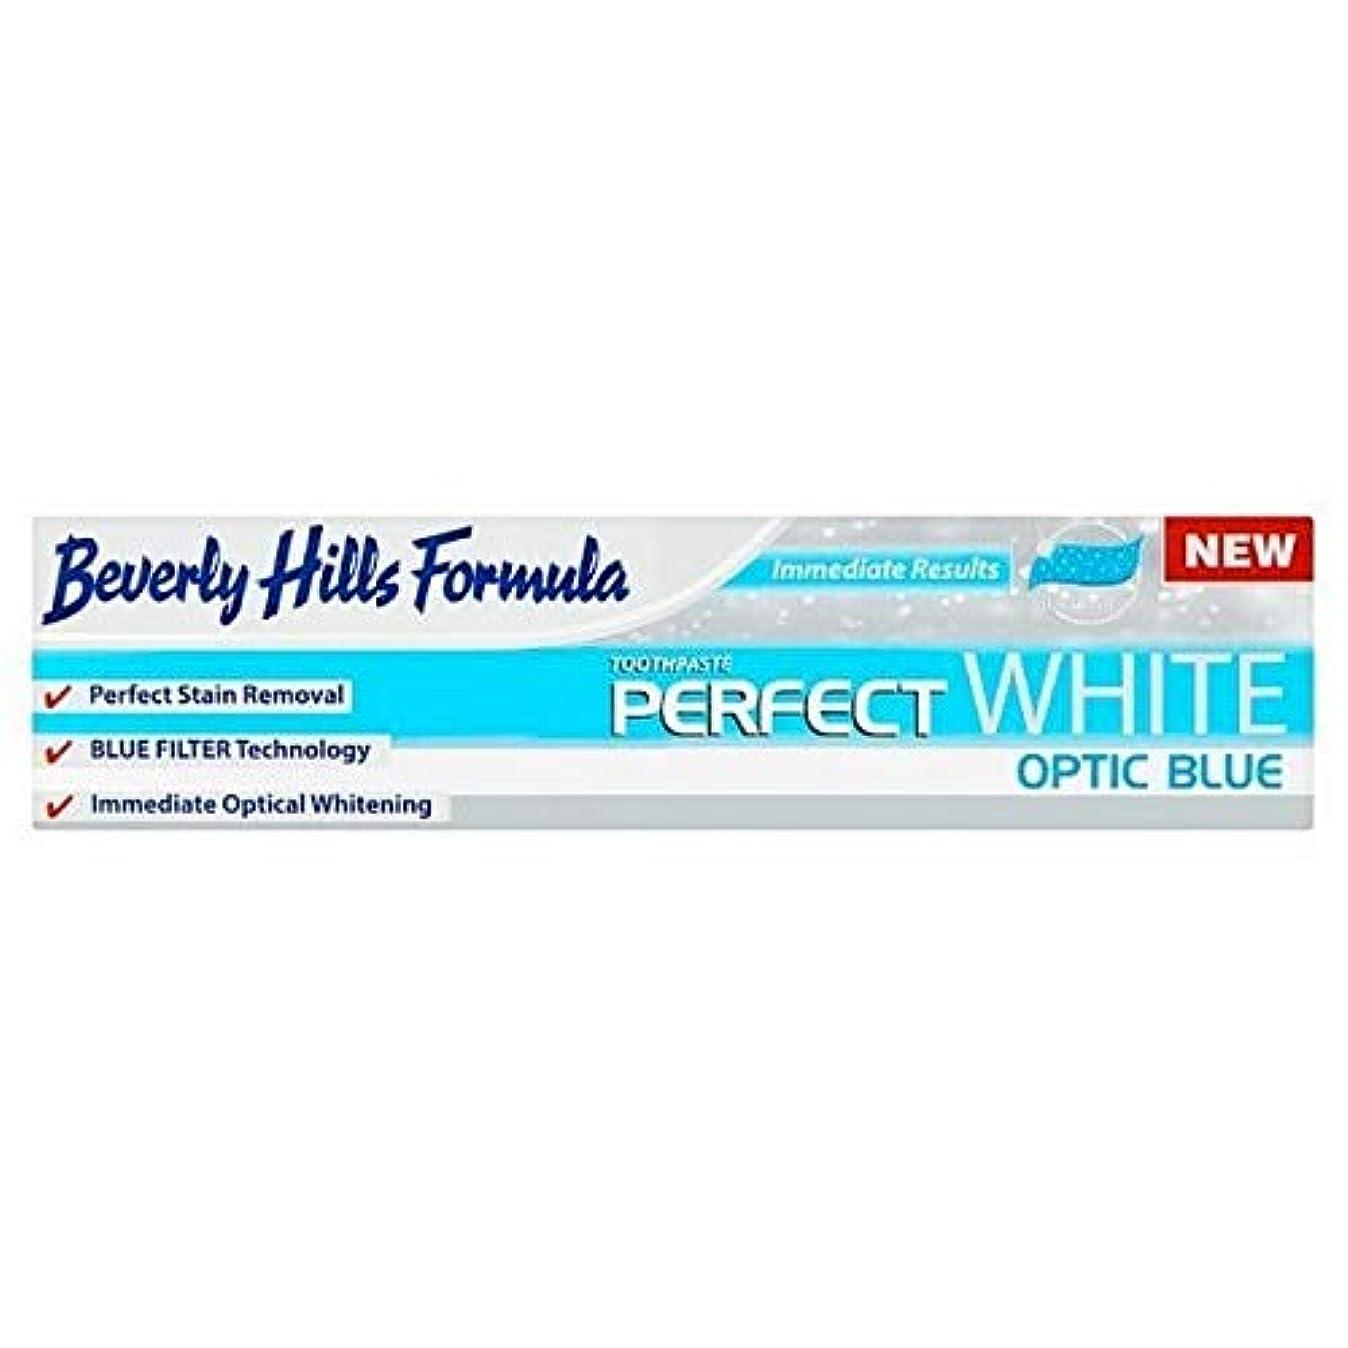 プールに変わる損傷[Beverly Hills ] ビバリーヒルズ公式パーフェクトホワイト歯磨き粉の100ミリリットル - Beverly Hills Formula Perfect White toothpaste 100ml [並行輸入品]